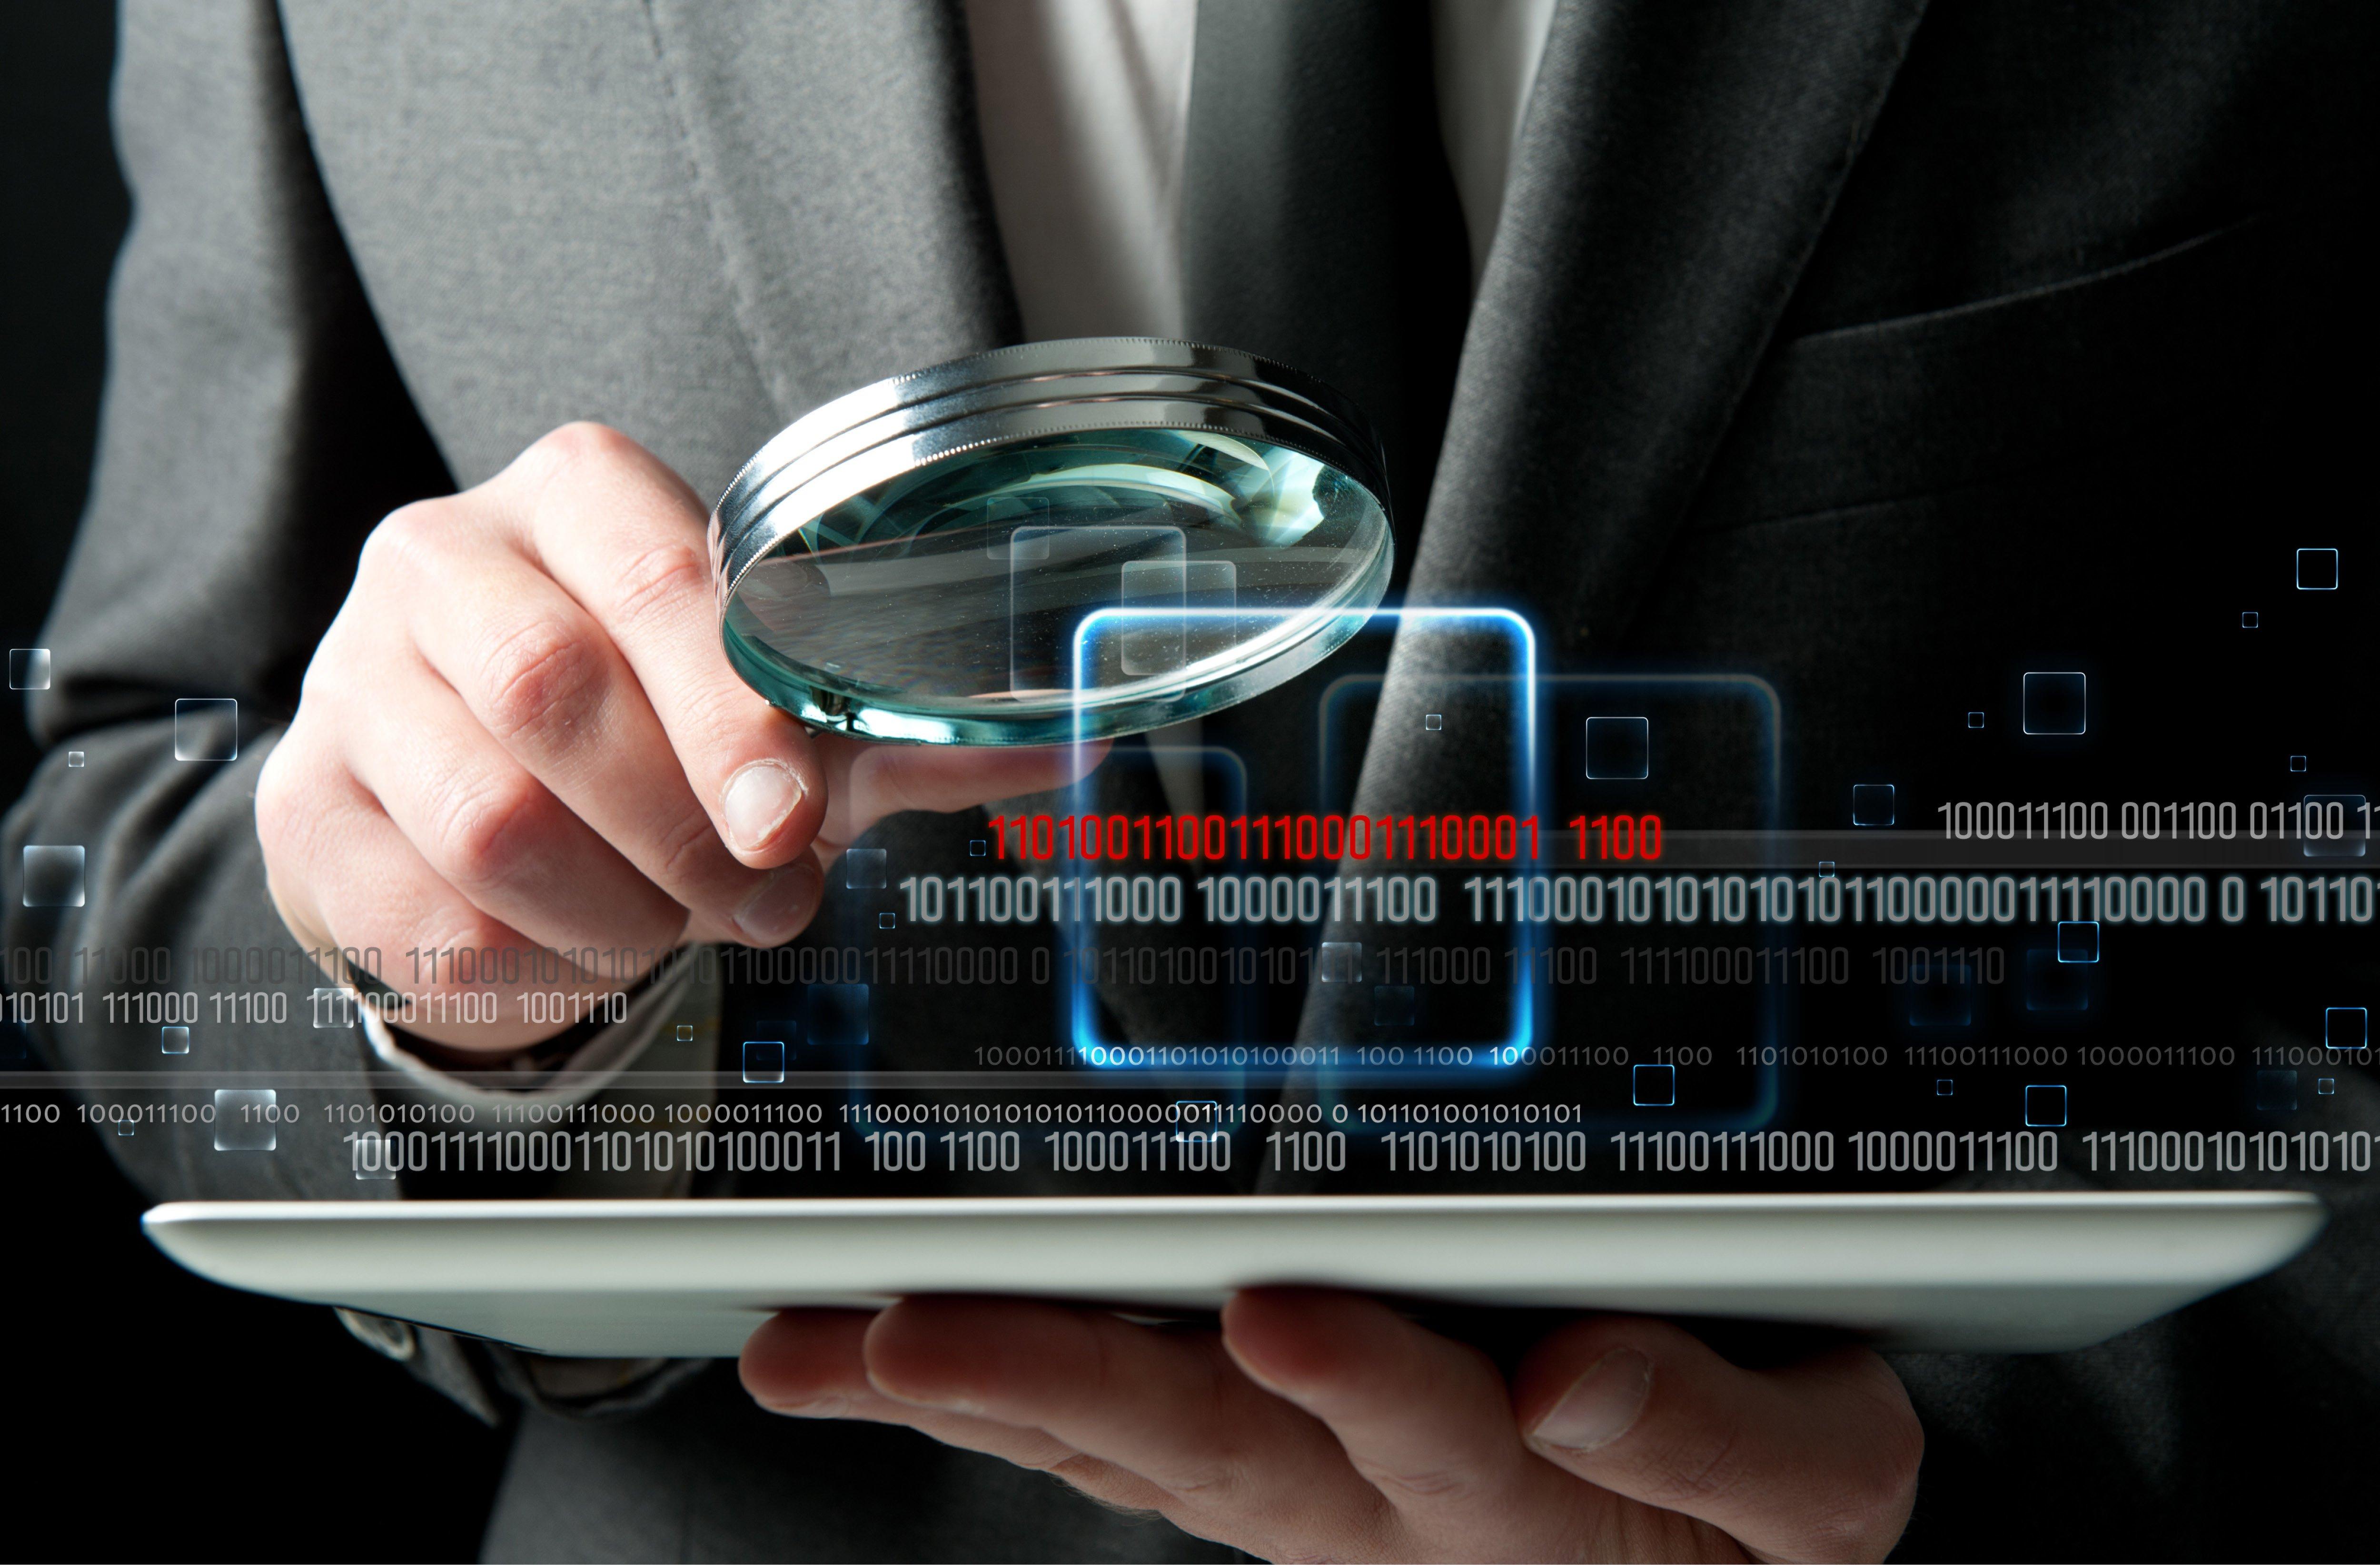 Cybersécurité : les bonnes pratiques pour être blindé